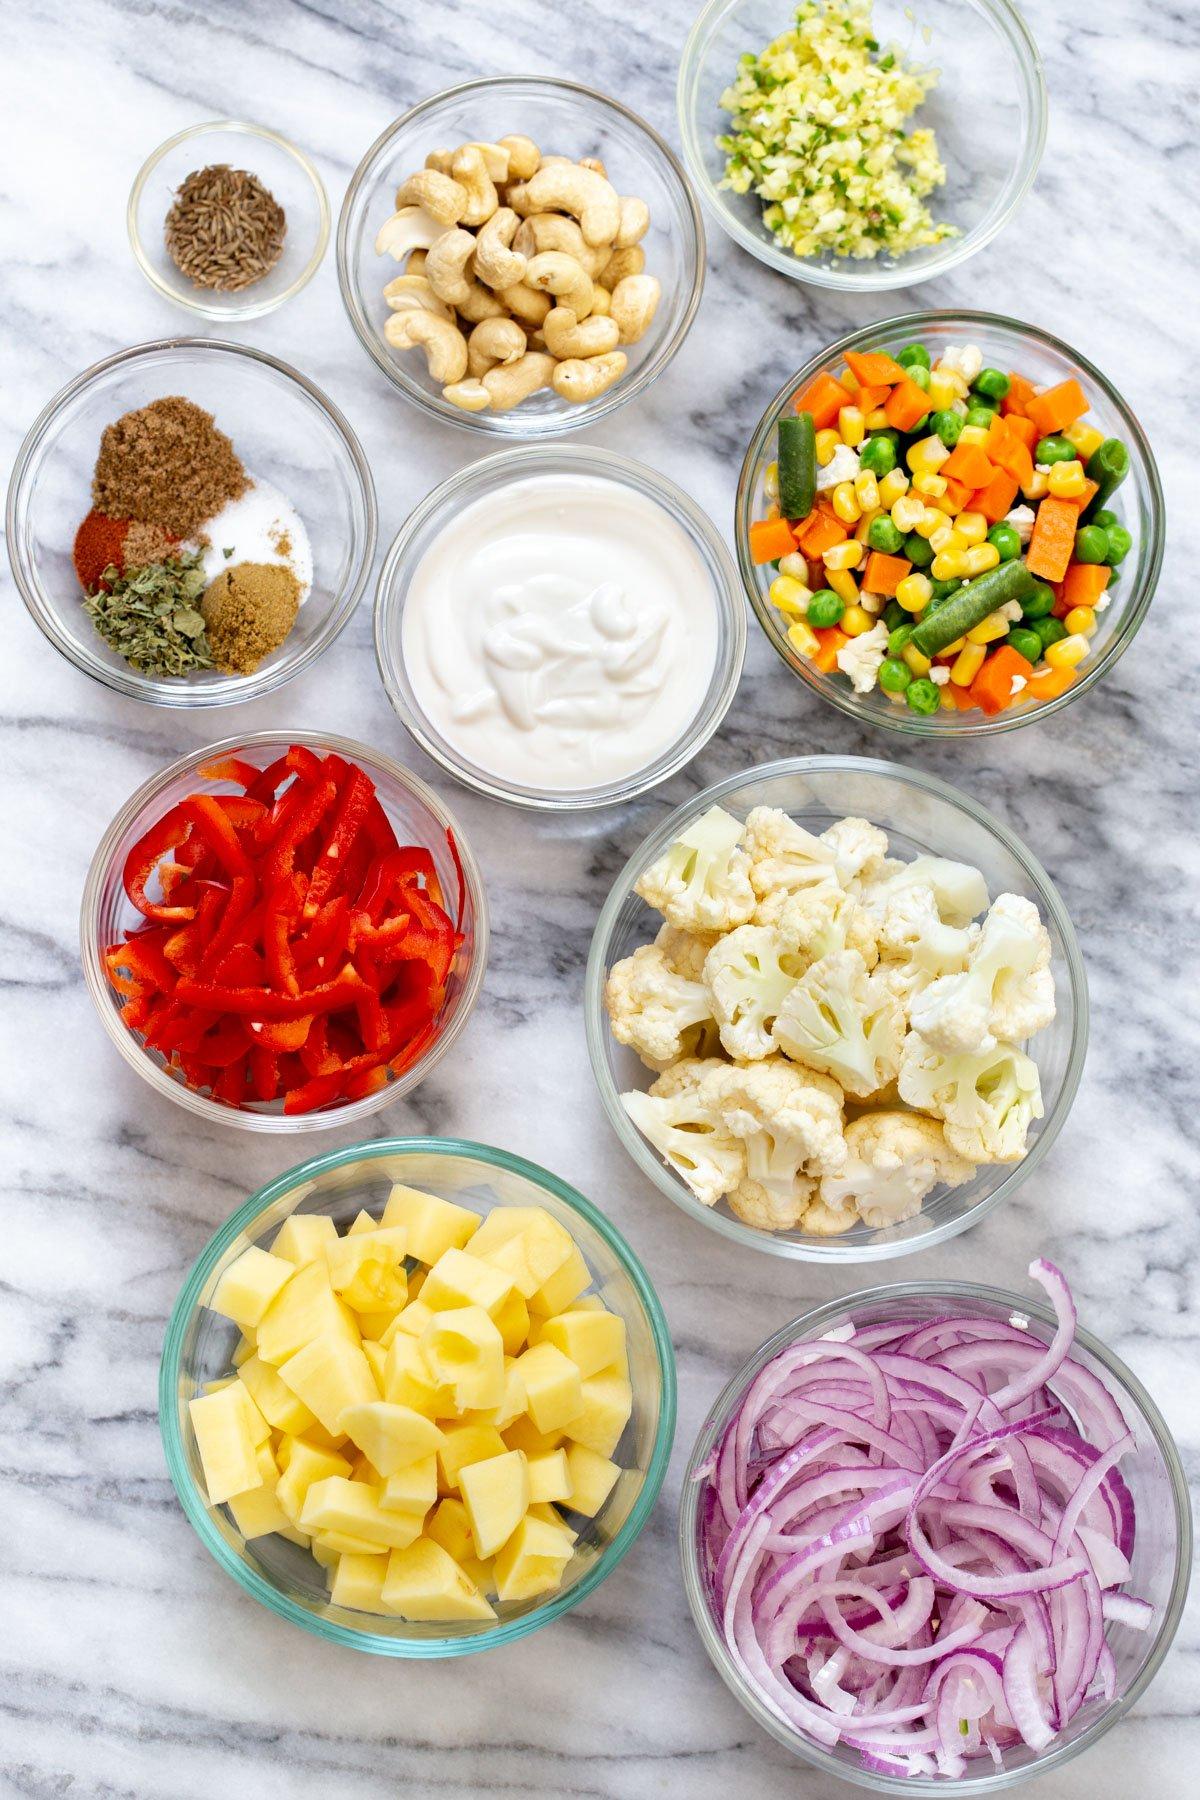 ingredients used for making vegan diwani handi vegetables